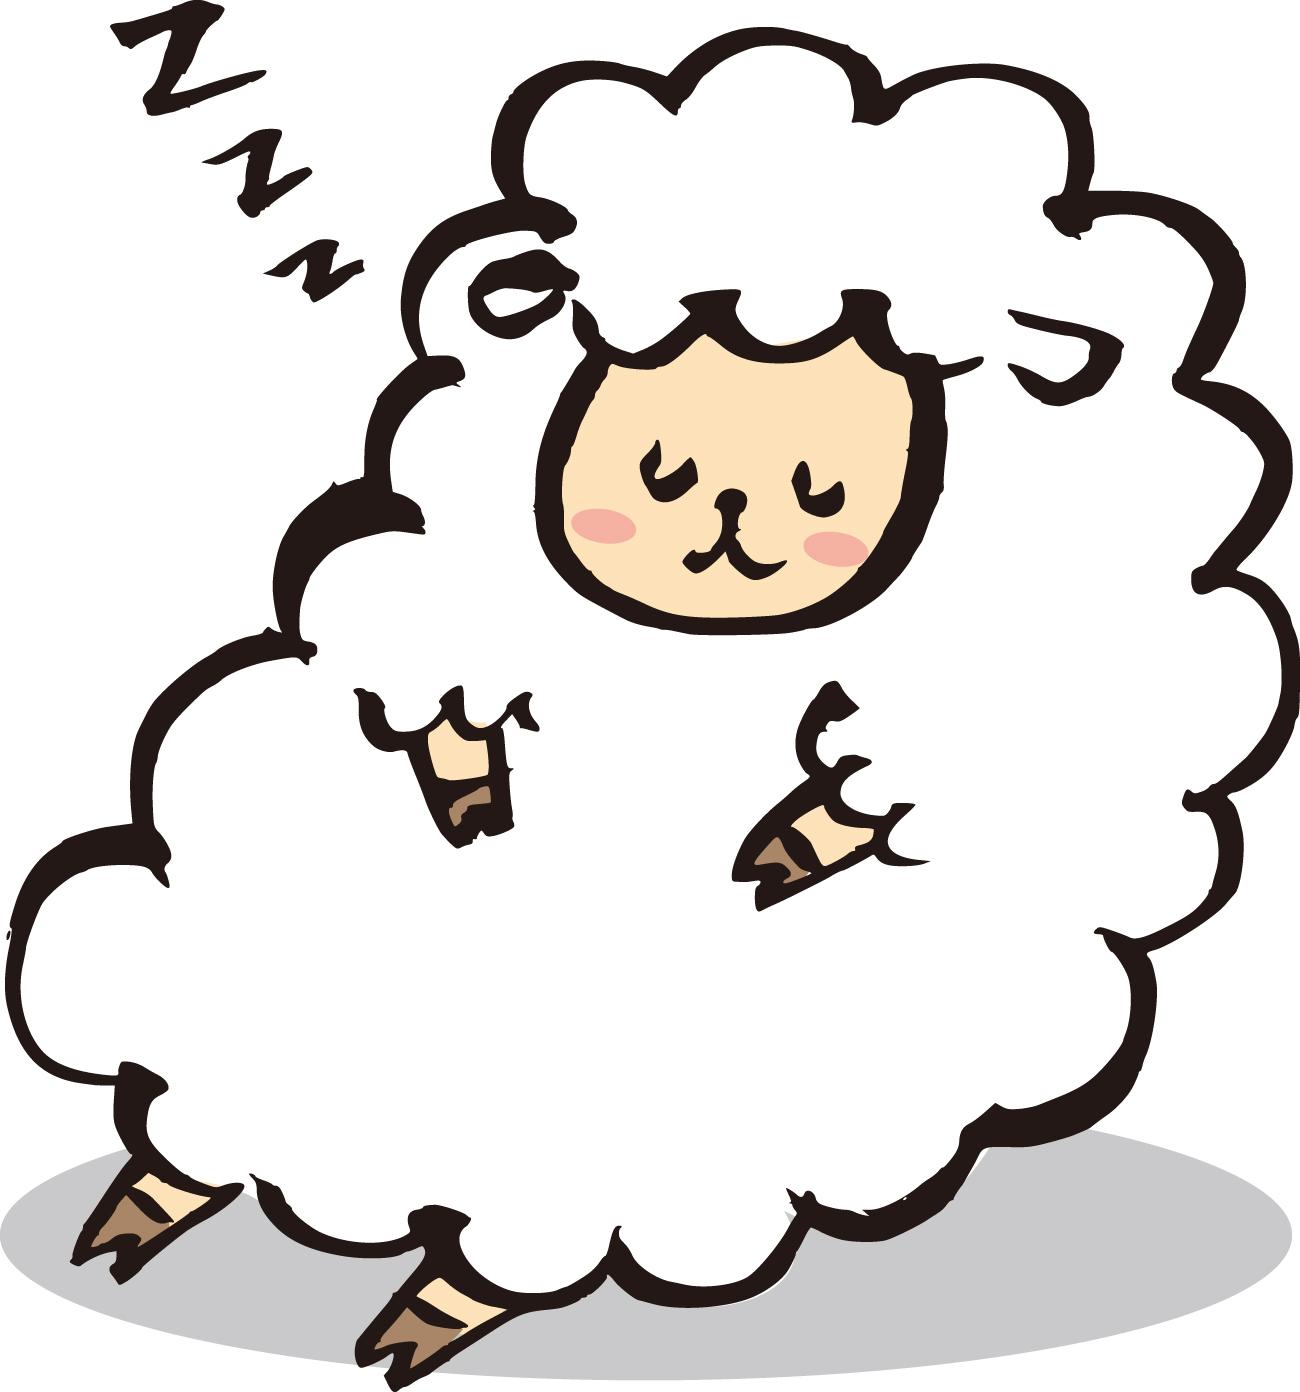 安眠を目指して、交感神経と副交感神経のスイッチの入れ替えを促す